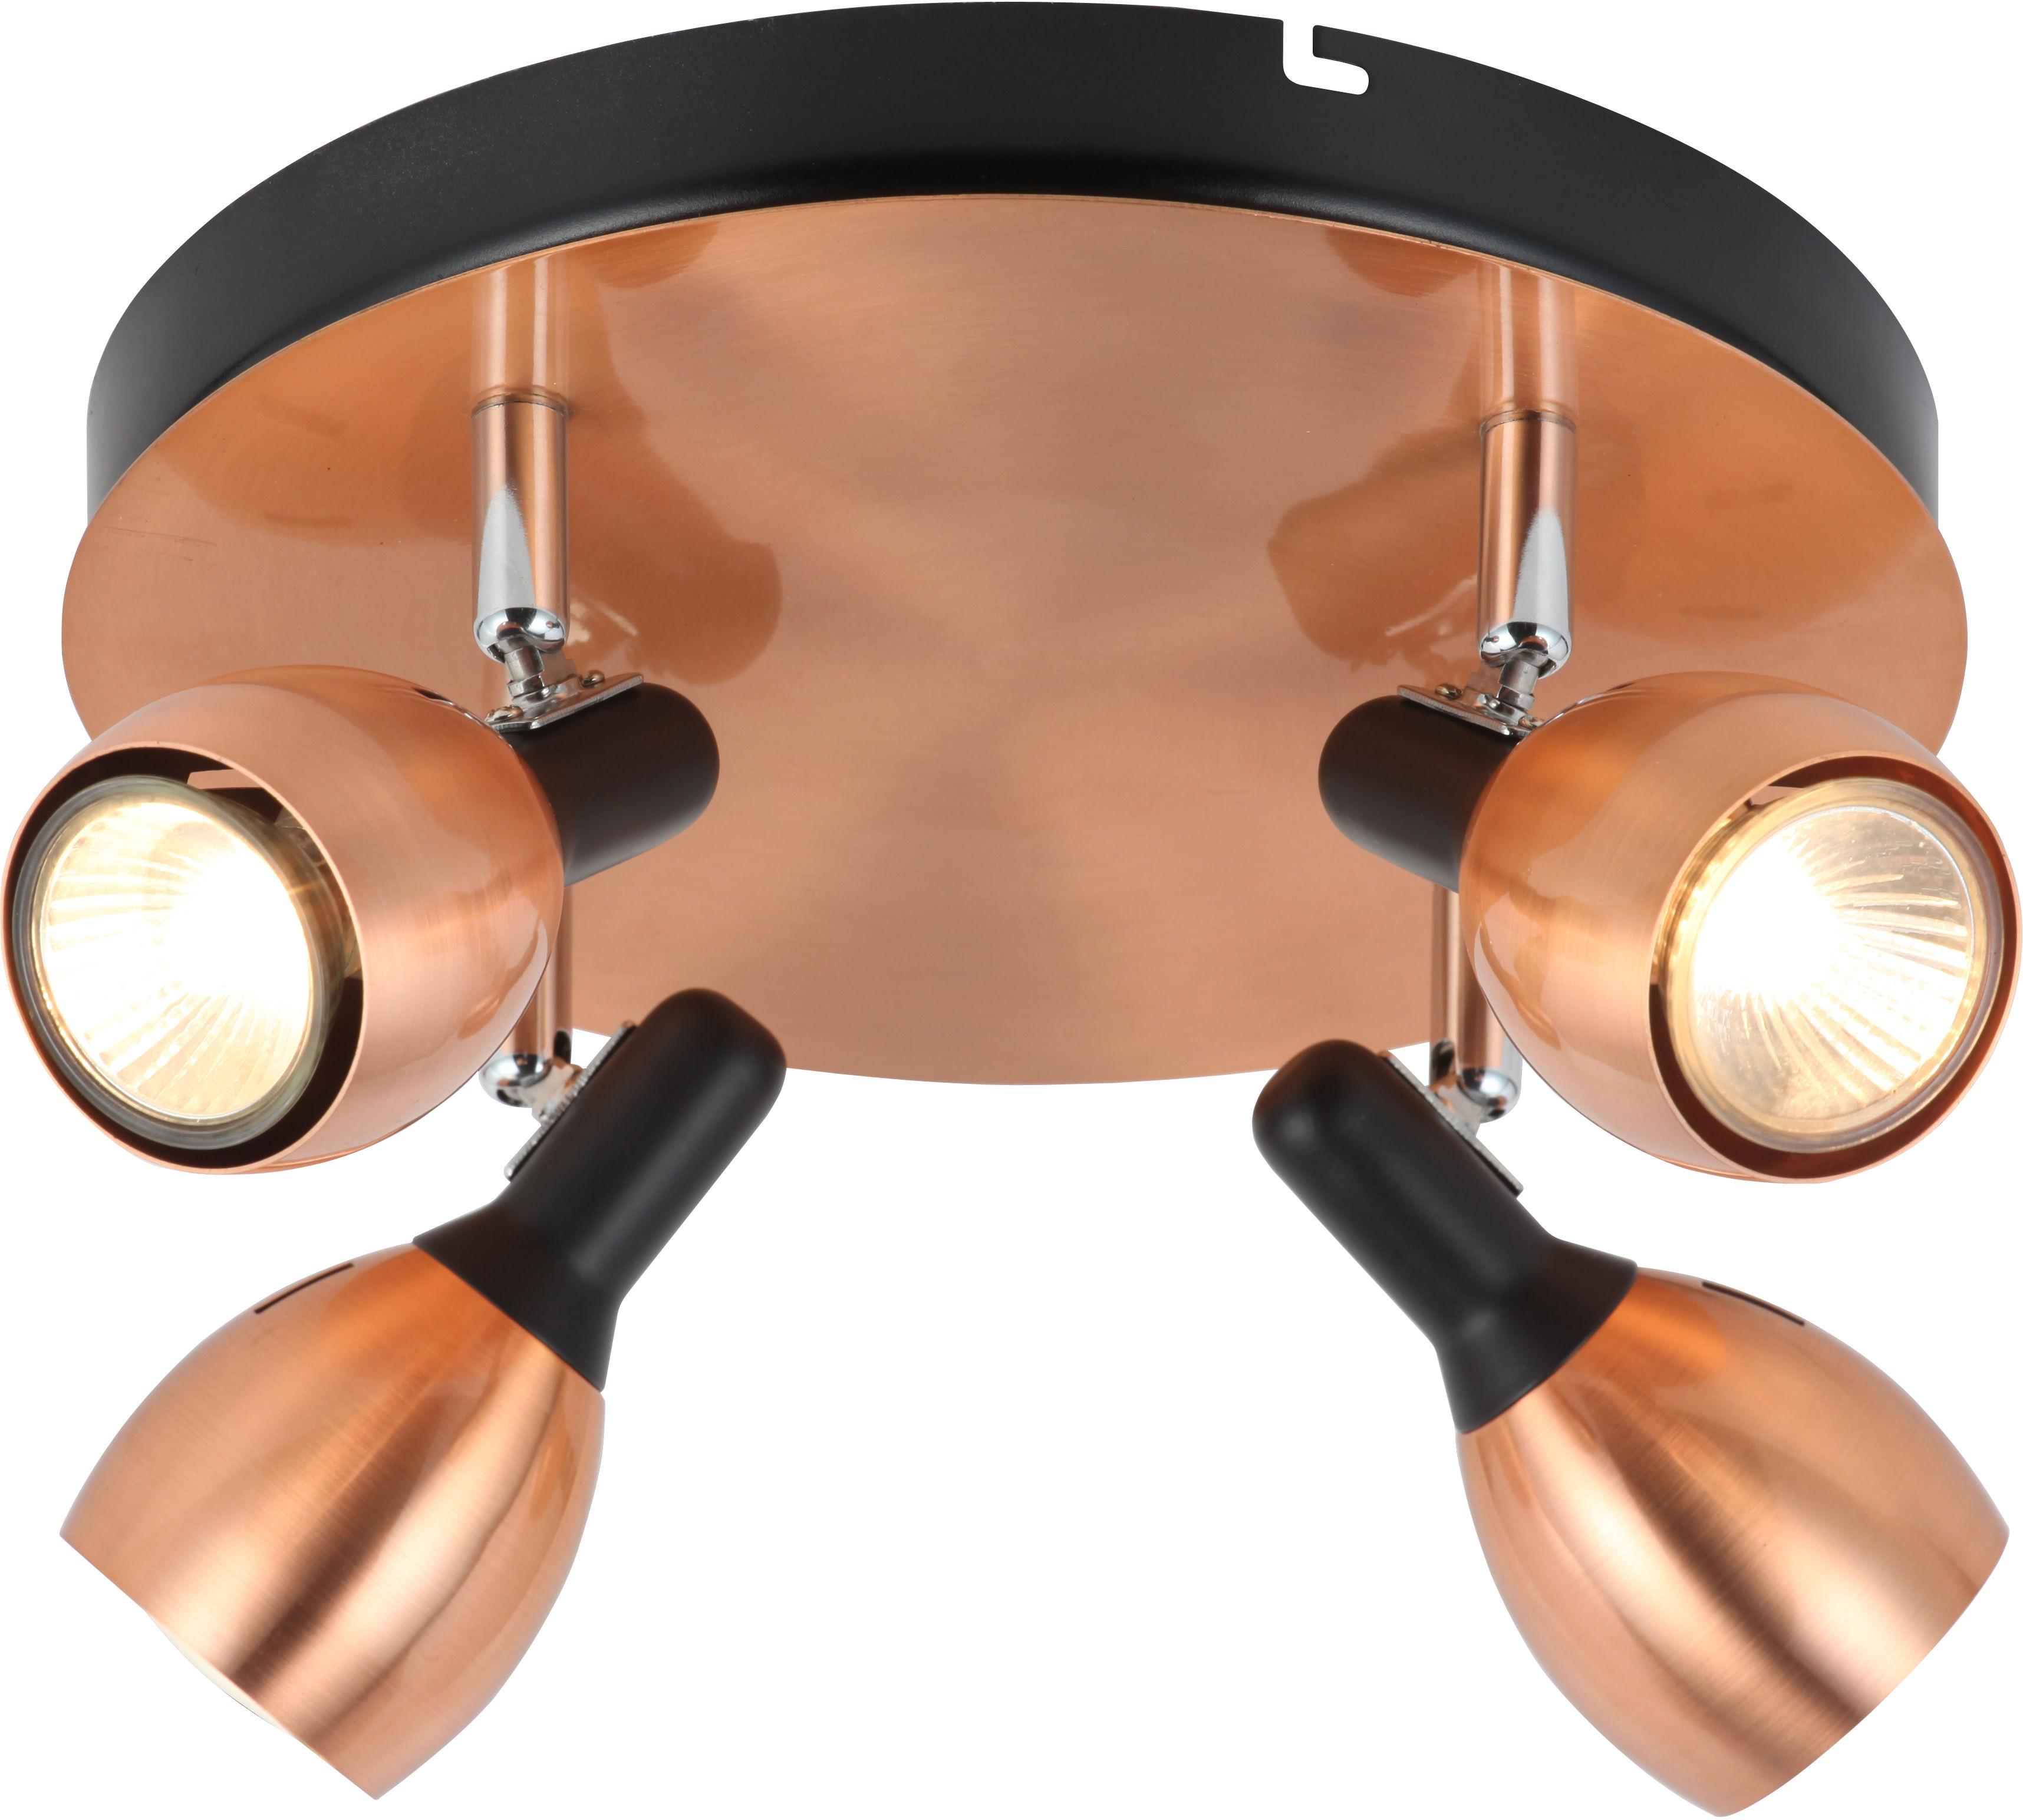 Candellux CROSS 98-34878 plafon lampa sufitowa miedziany metalowy klosz 4X50W GU10 35cm